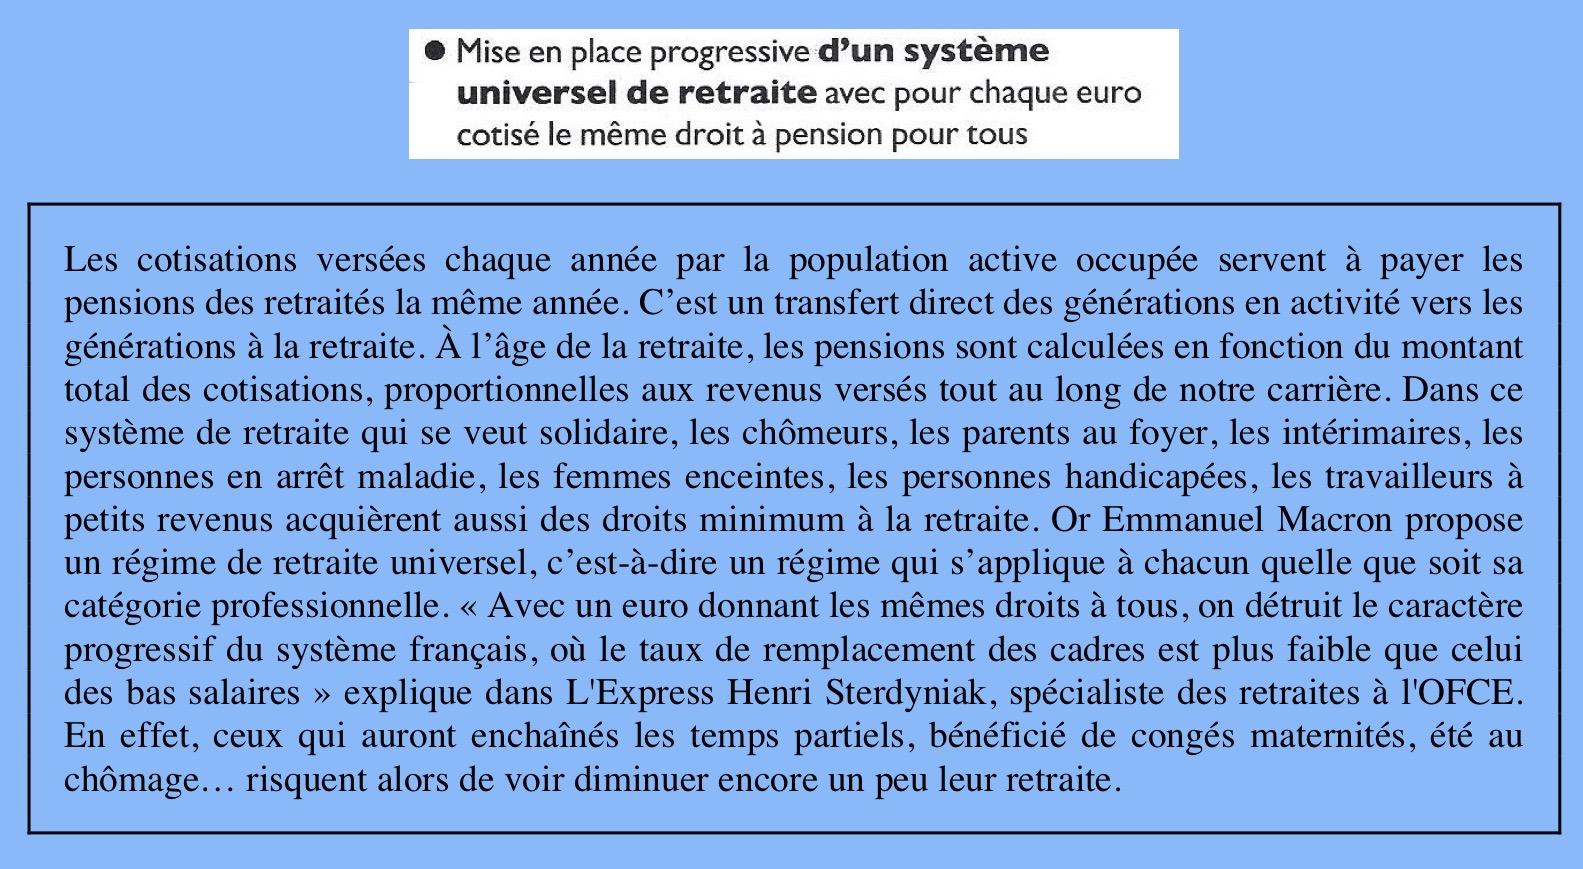 Commentaires programme Macron (glissé(e)s)